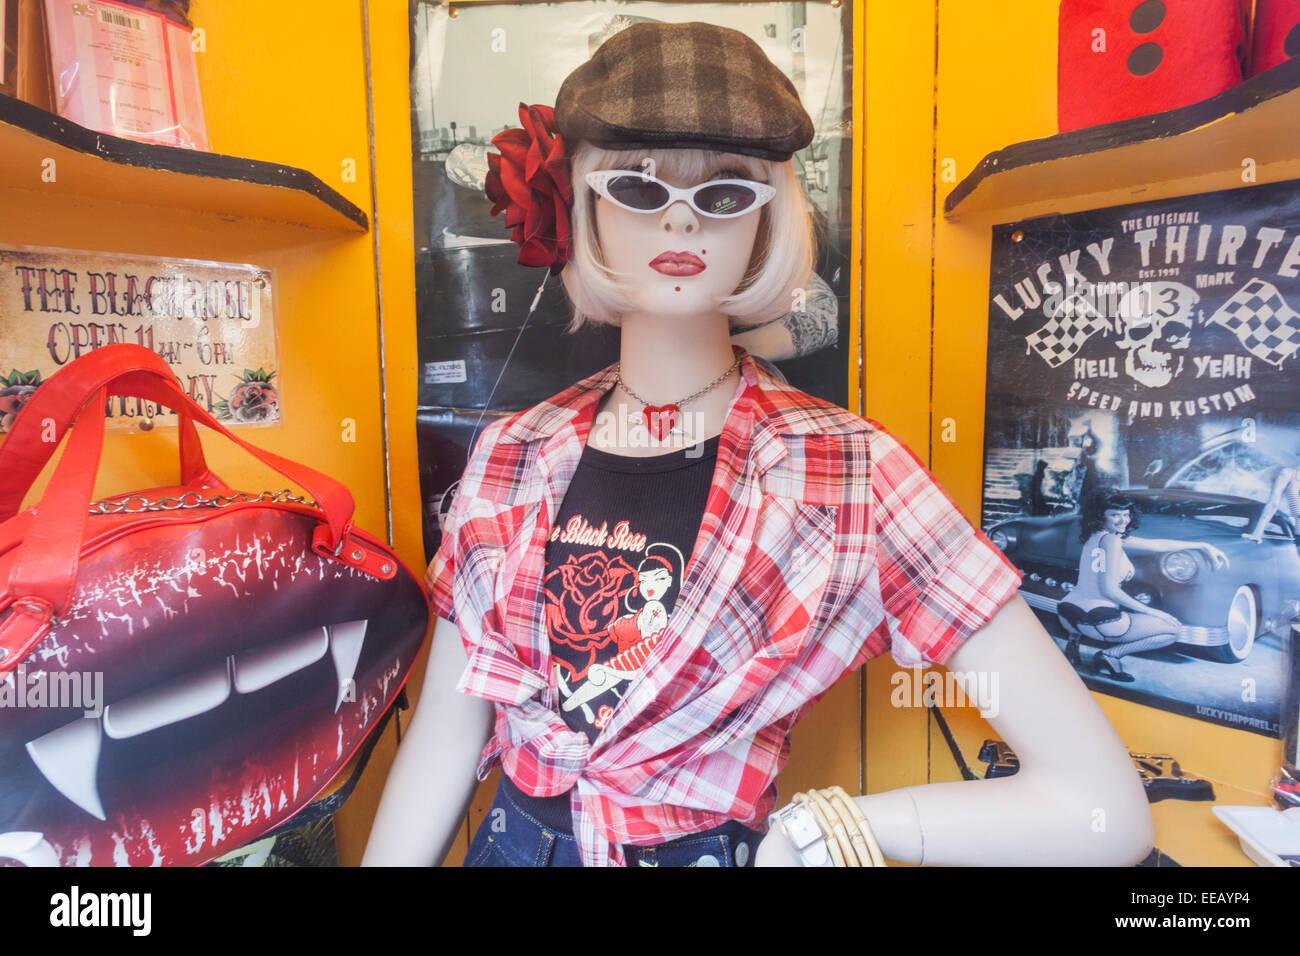 L'Angleterre, Londres, Camden, Camden Market, boutique de vêtements rétro Affichage Fenêtre Photo Stock